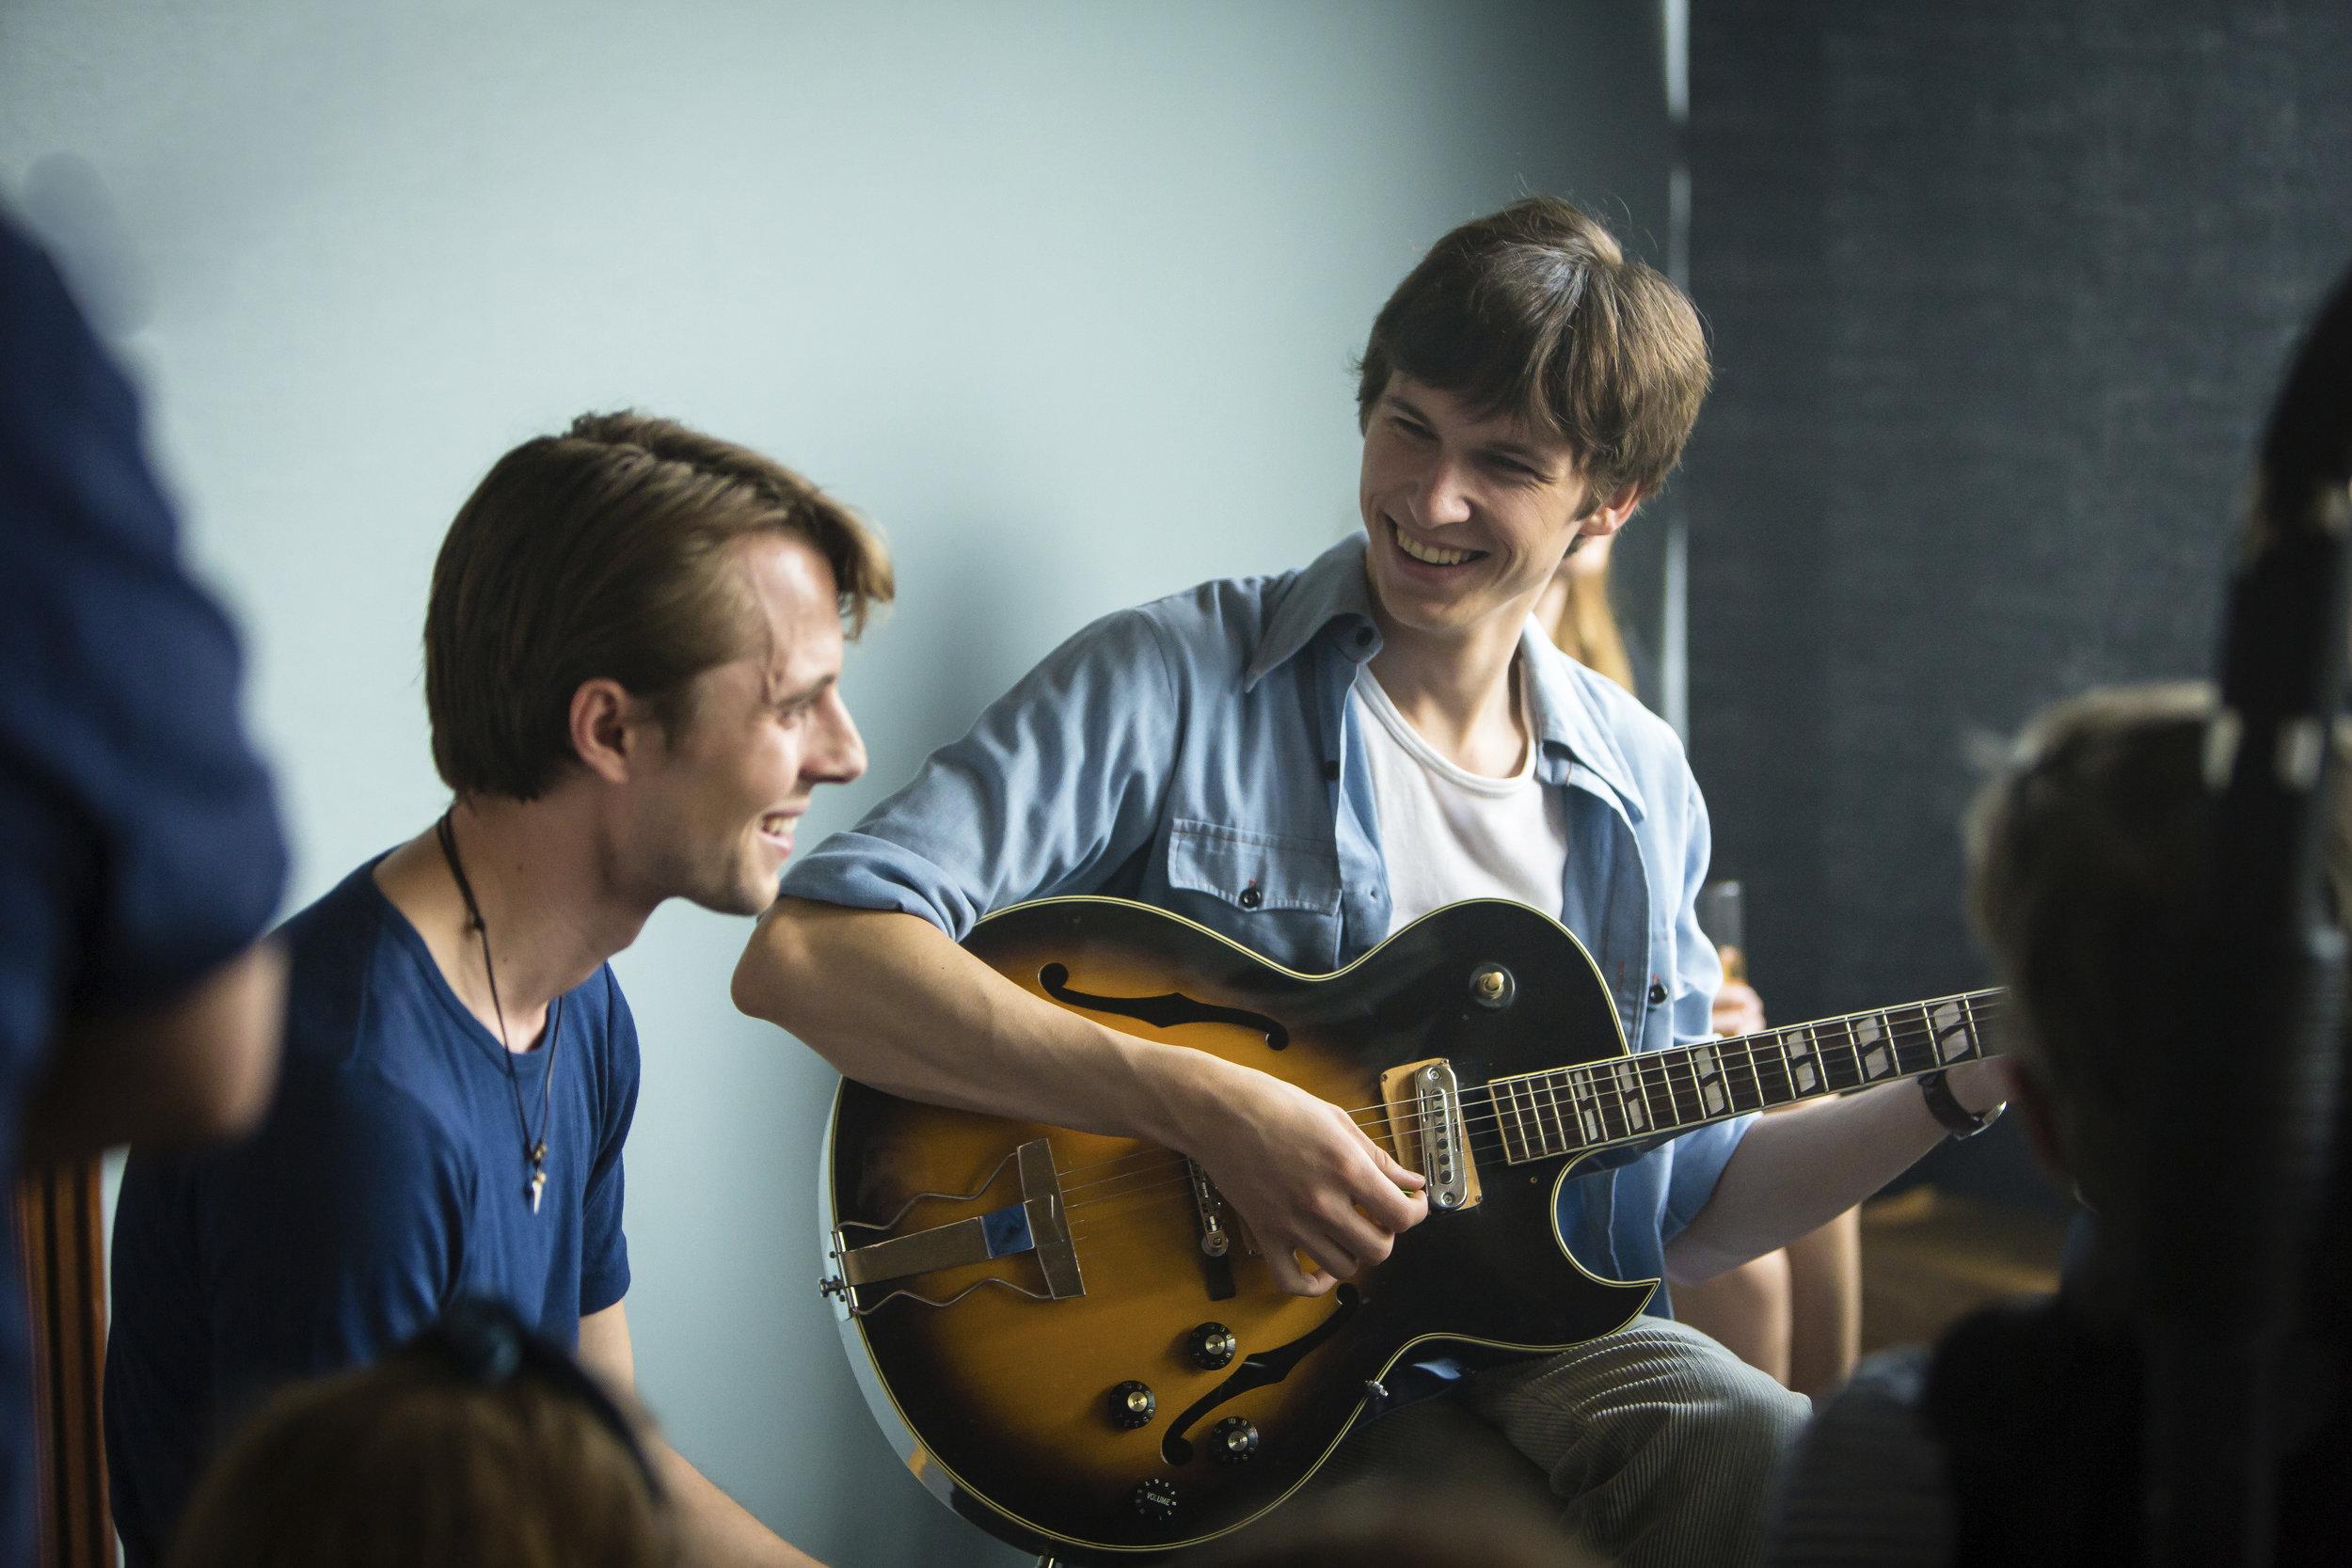 LYKKELAND_Damon og Christian_Foto_Marius Vervik_NRK_Maipo Film kopi 2.jpg